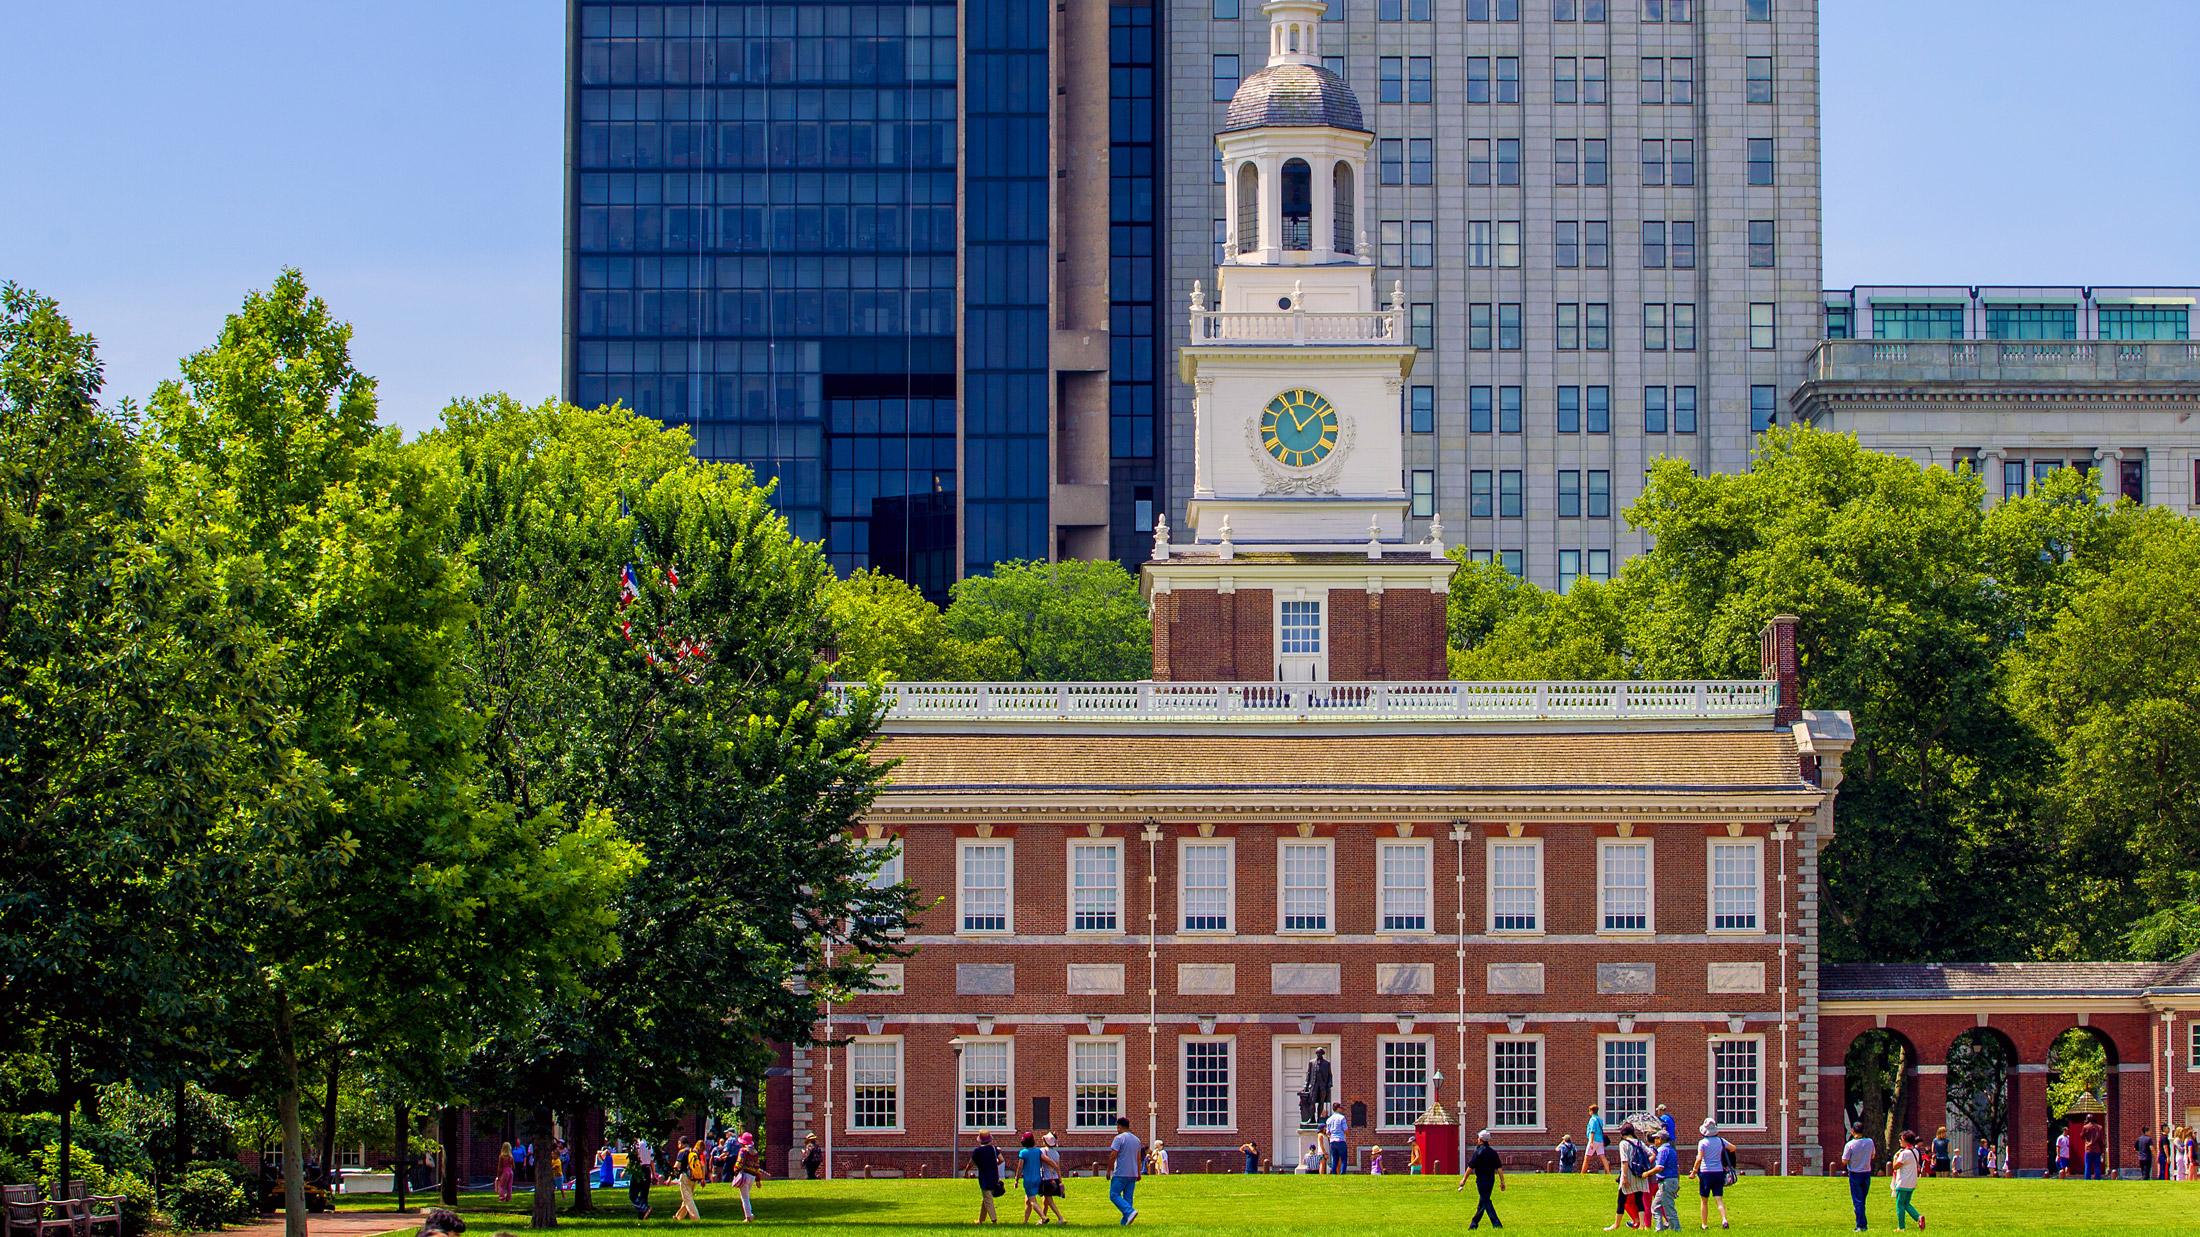 Hội trường Độc lập - Du lịch Mỹ Tết 2019